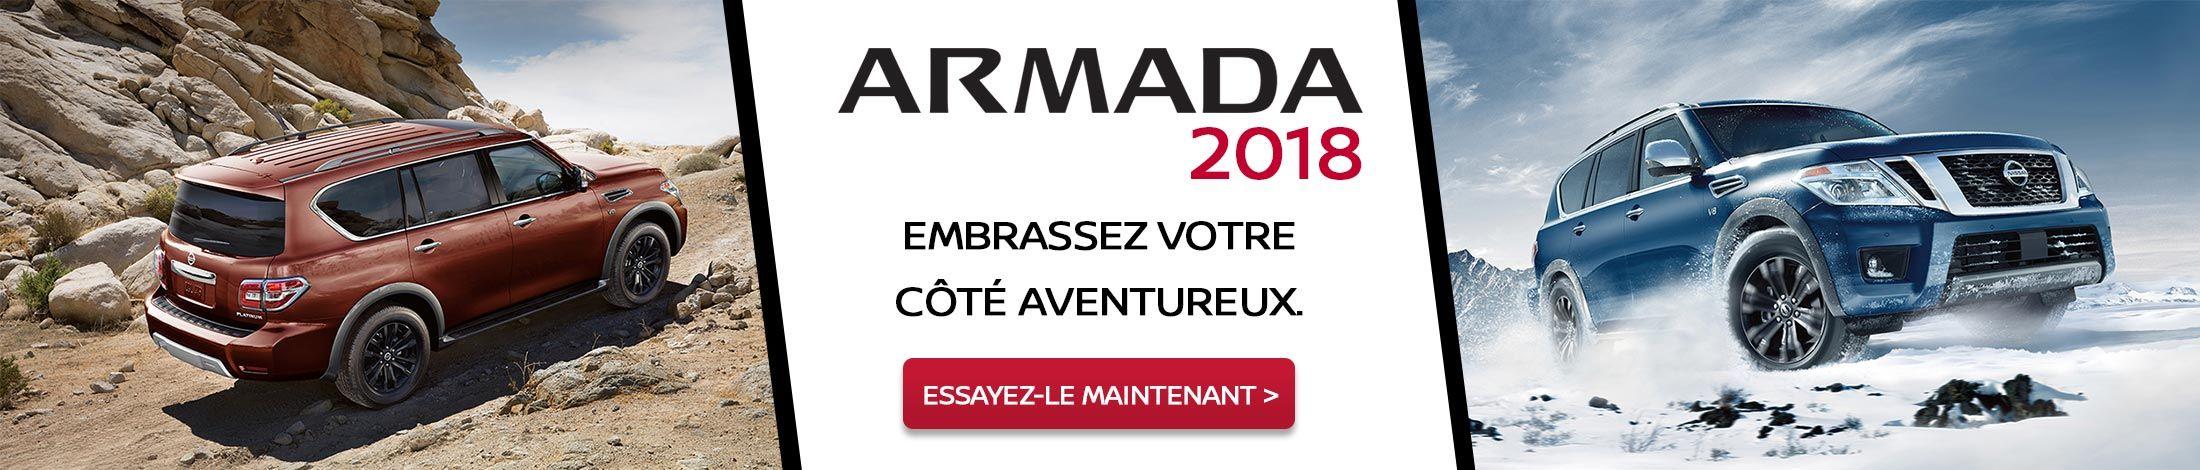 armada 2018